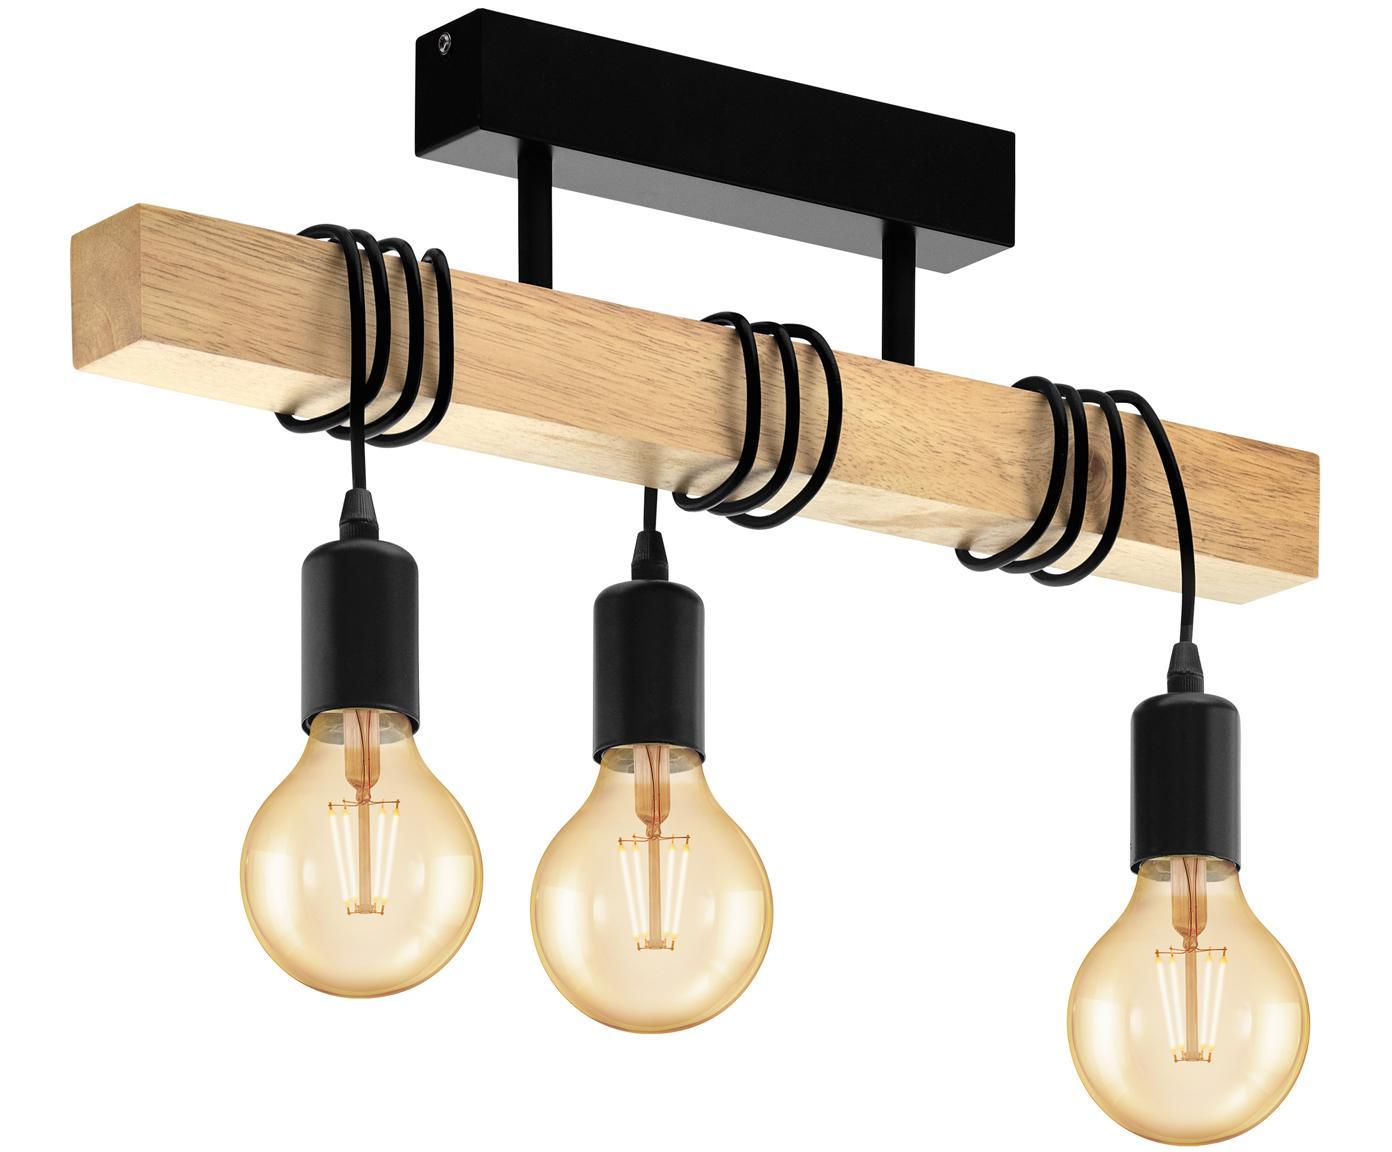 Lampa sufitowa z drewnaTownshend, Czarny, drewno naturalne, S 55 x W 27 cm